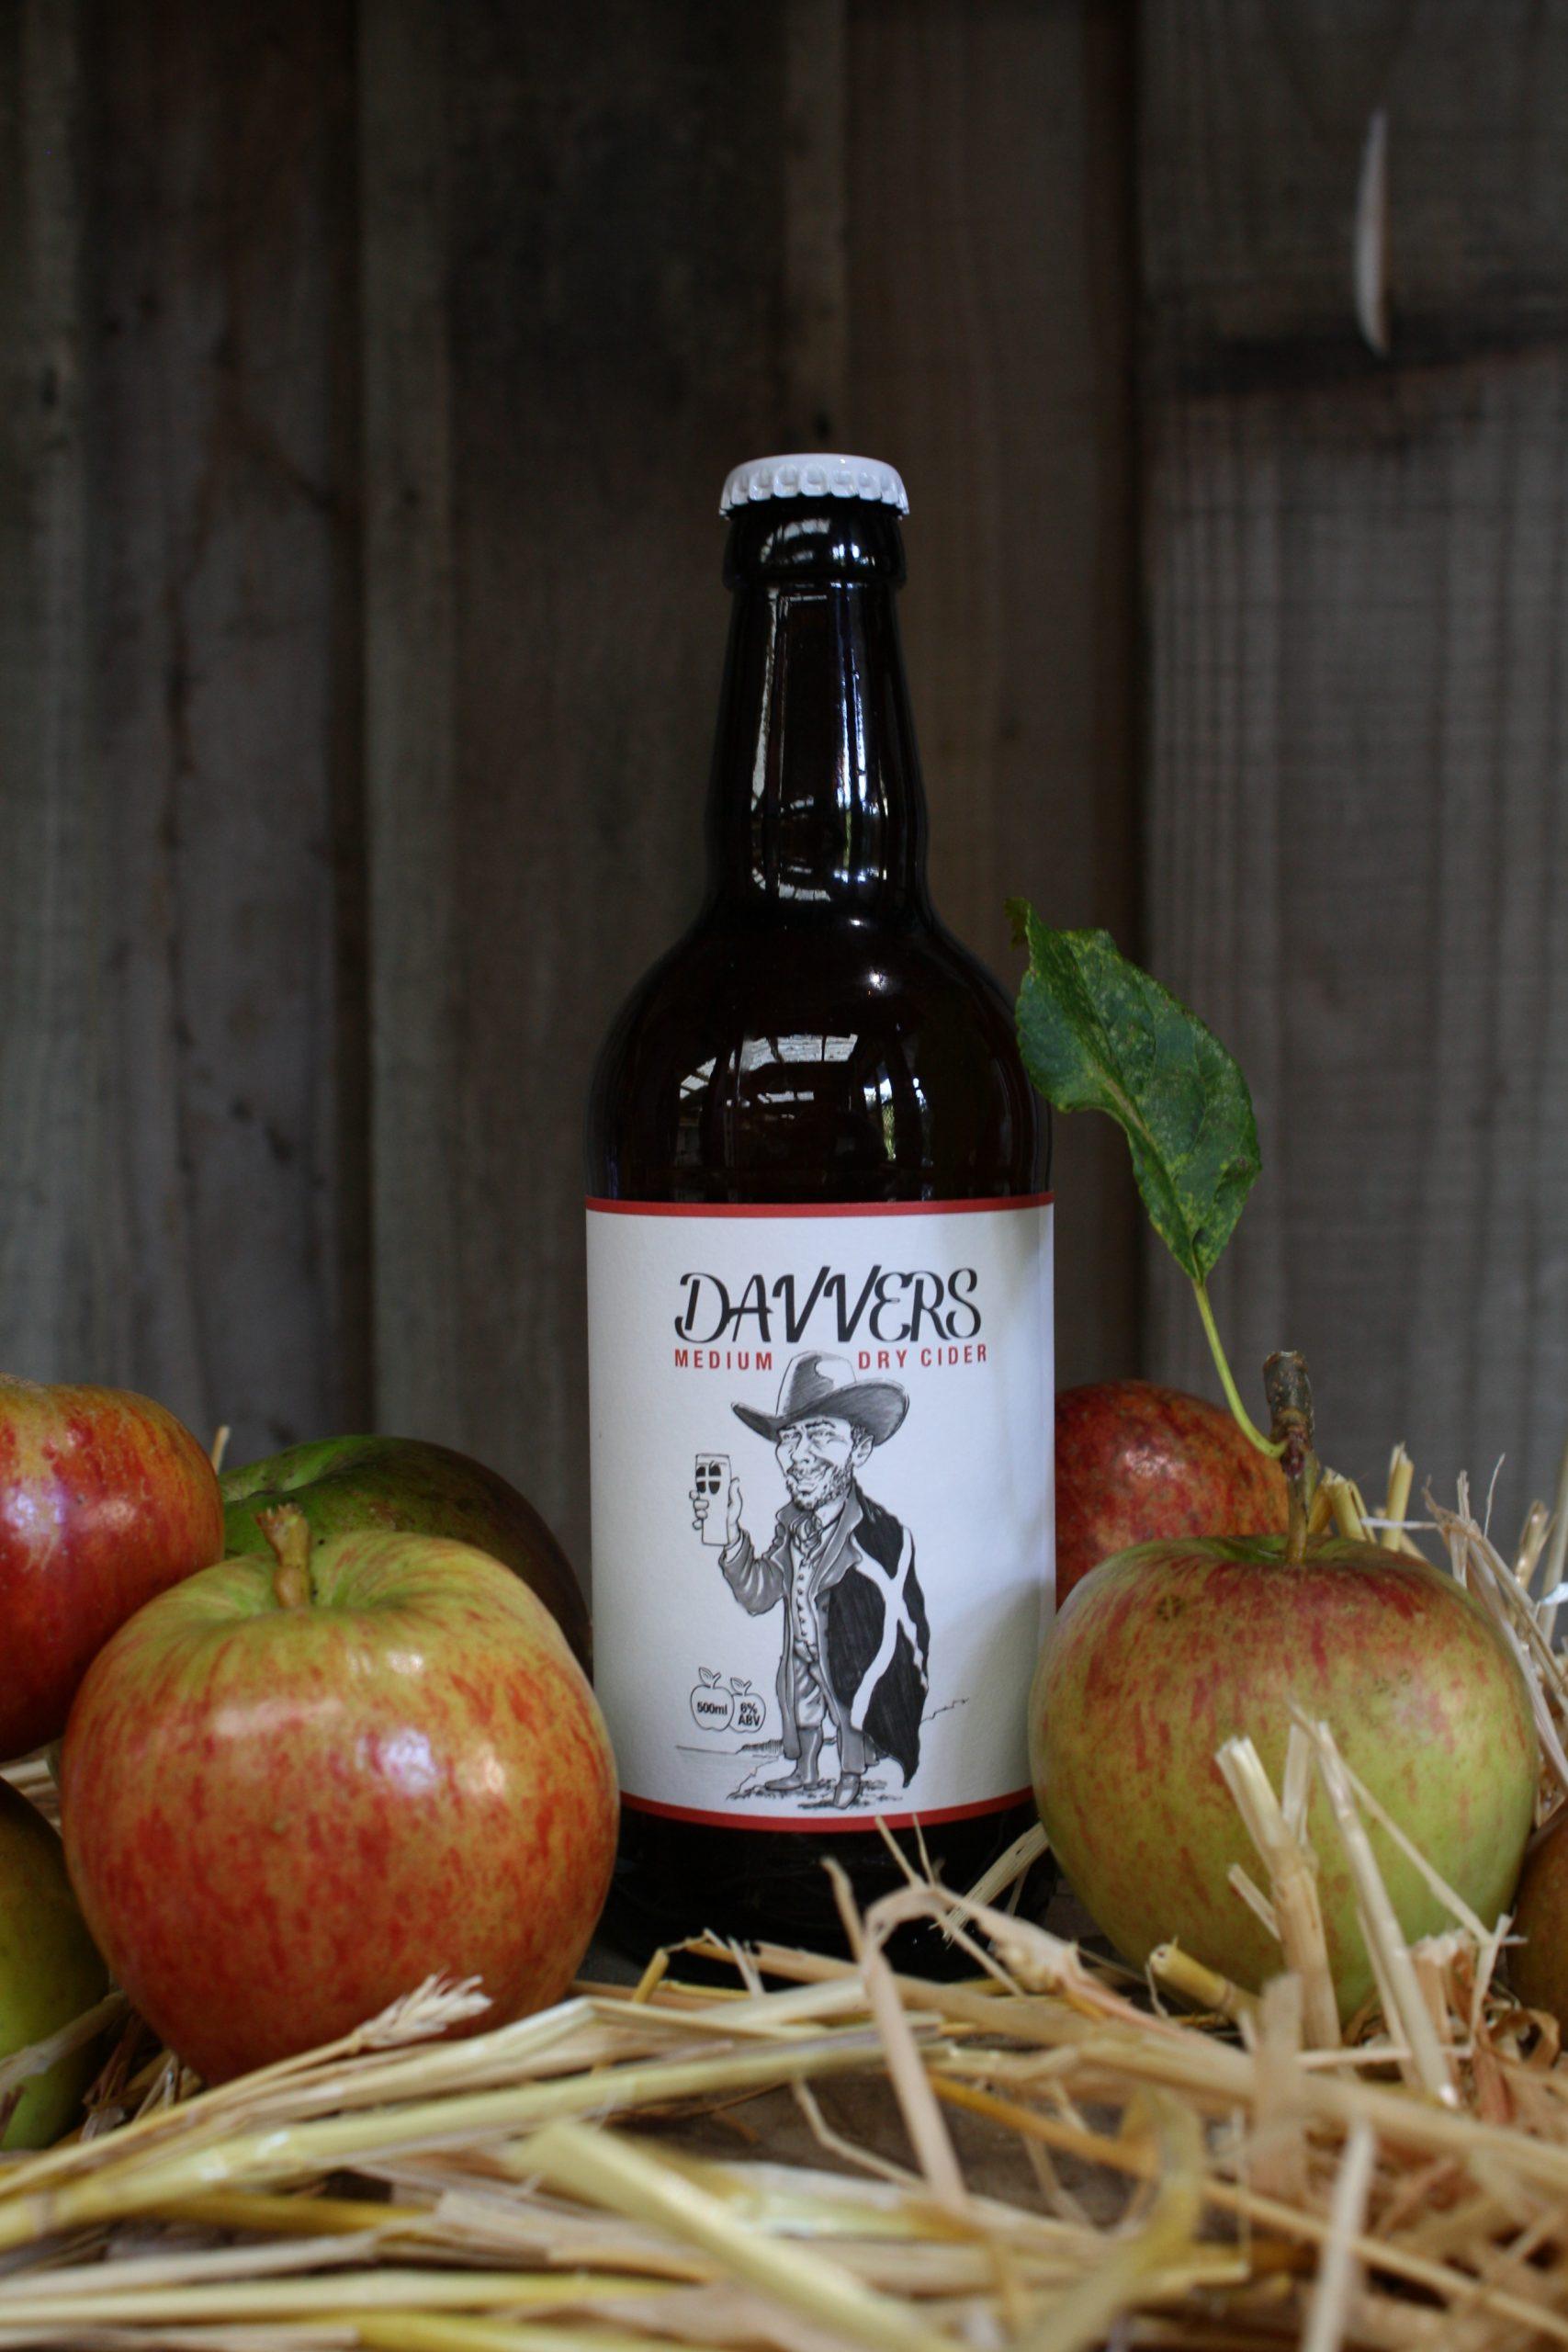 Davvers Cider